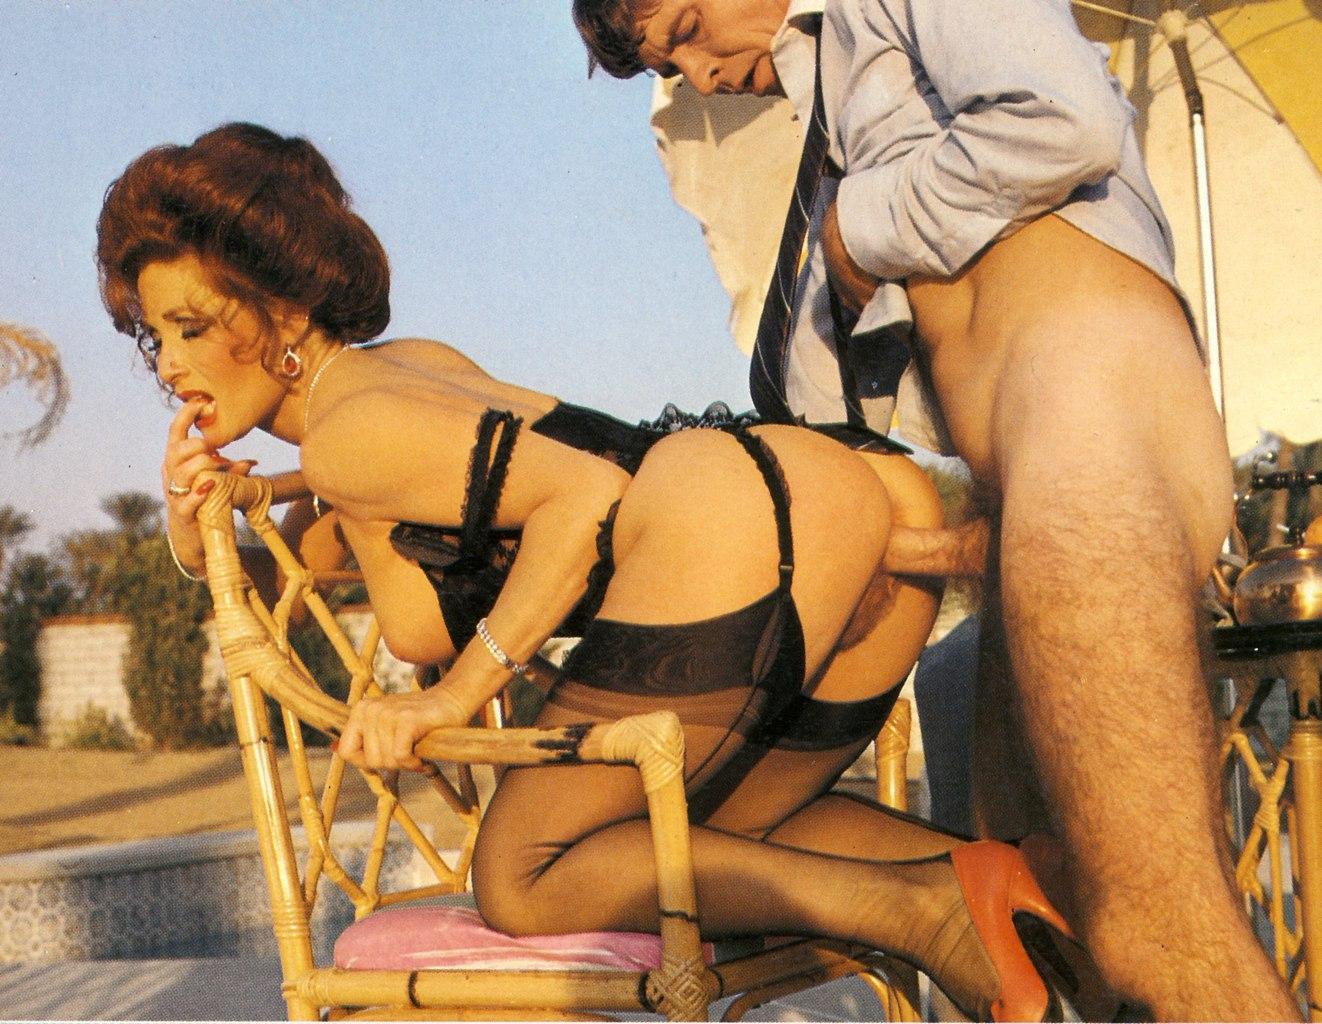 russkiy-vintazhniy-seks-video-prostitutki-moskve-otzivami